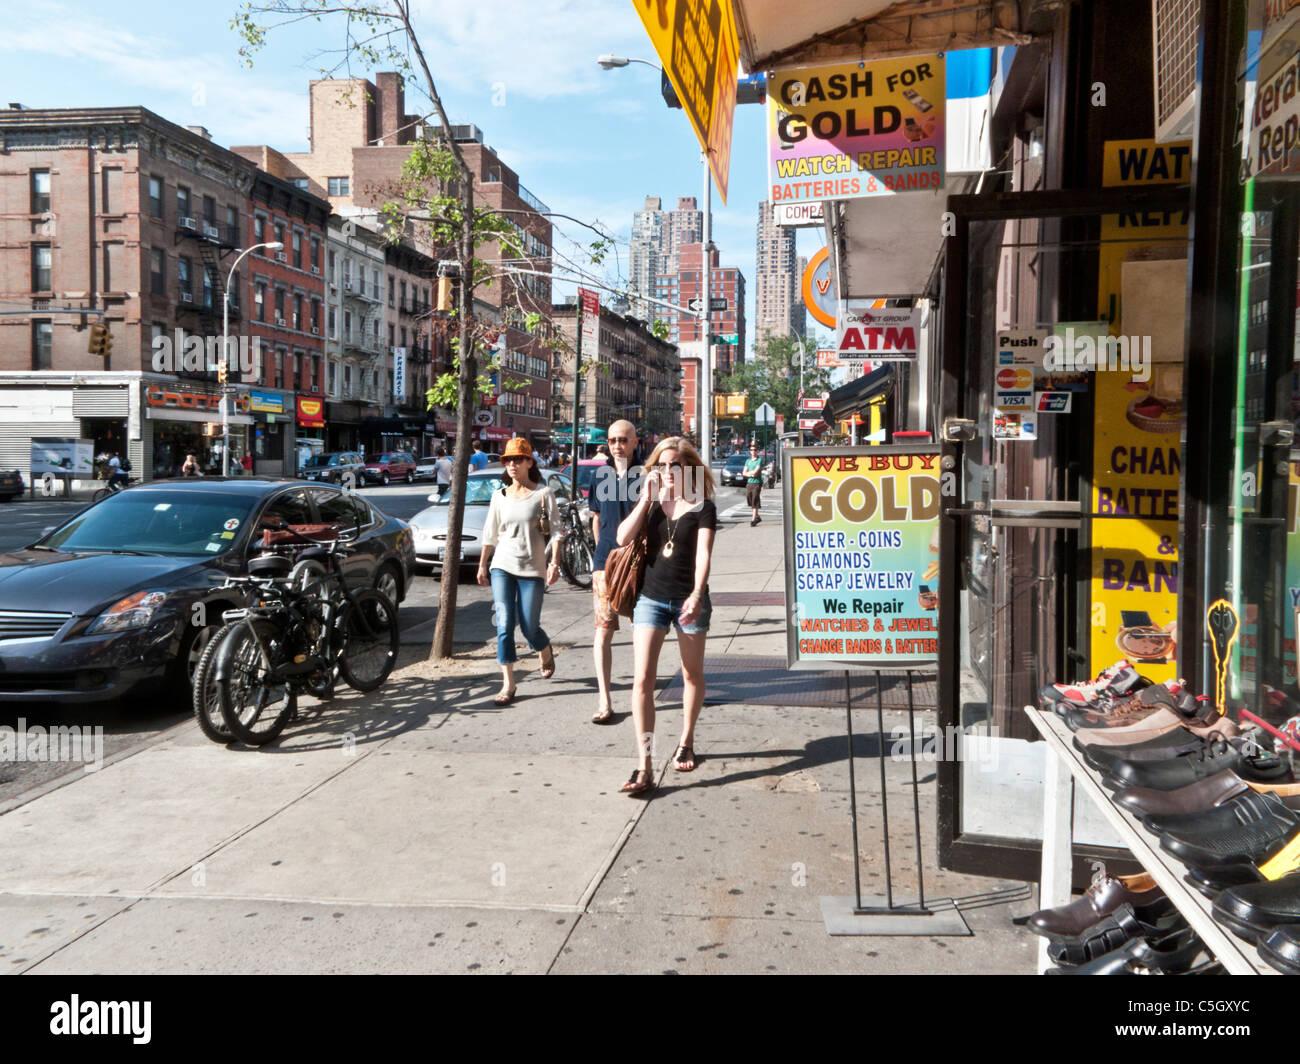 Fußgänger pass im Erdgeschoss Geschäfte im alten Gesetz Mietshäusern ...